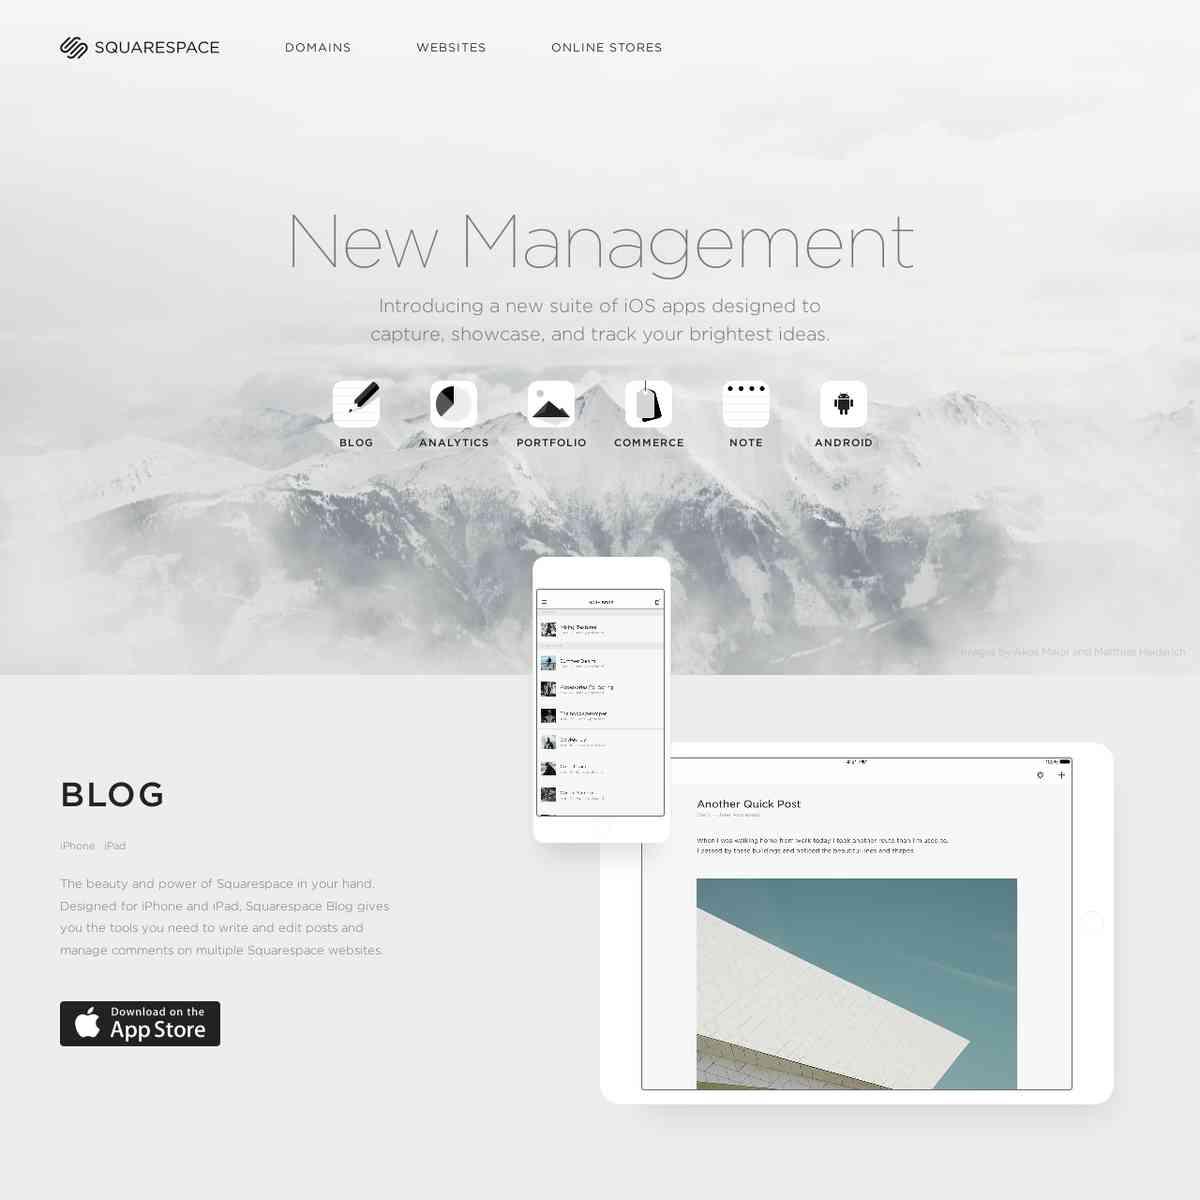 squarespace.com/apps#intro